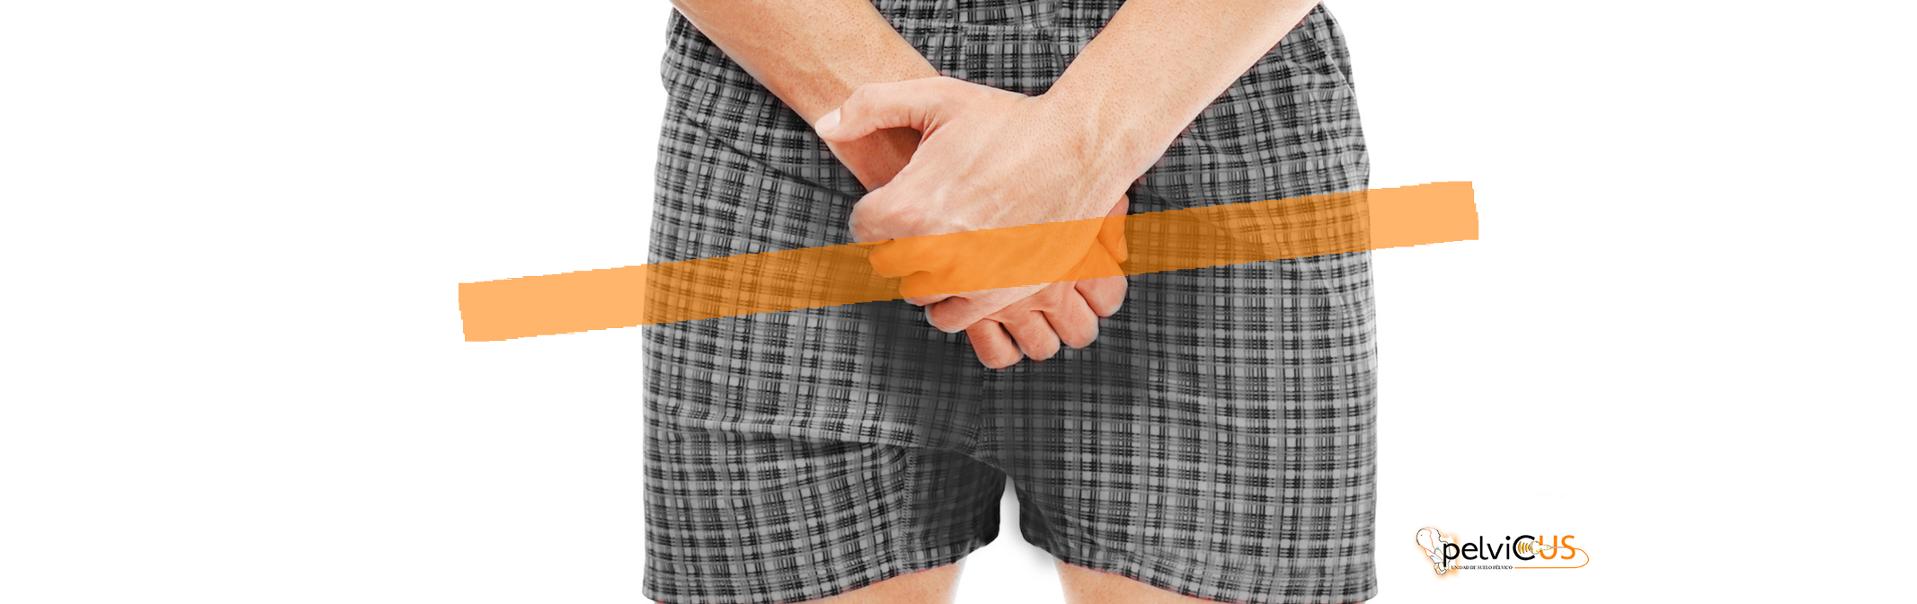 operación de incontinencia de próstata